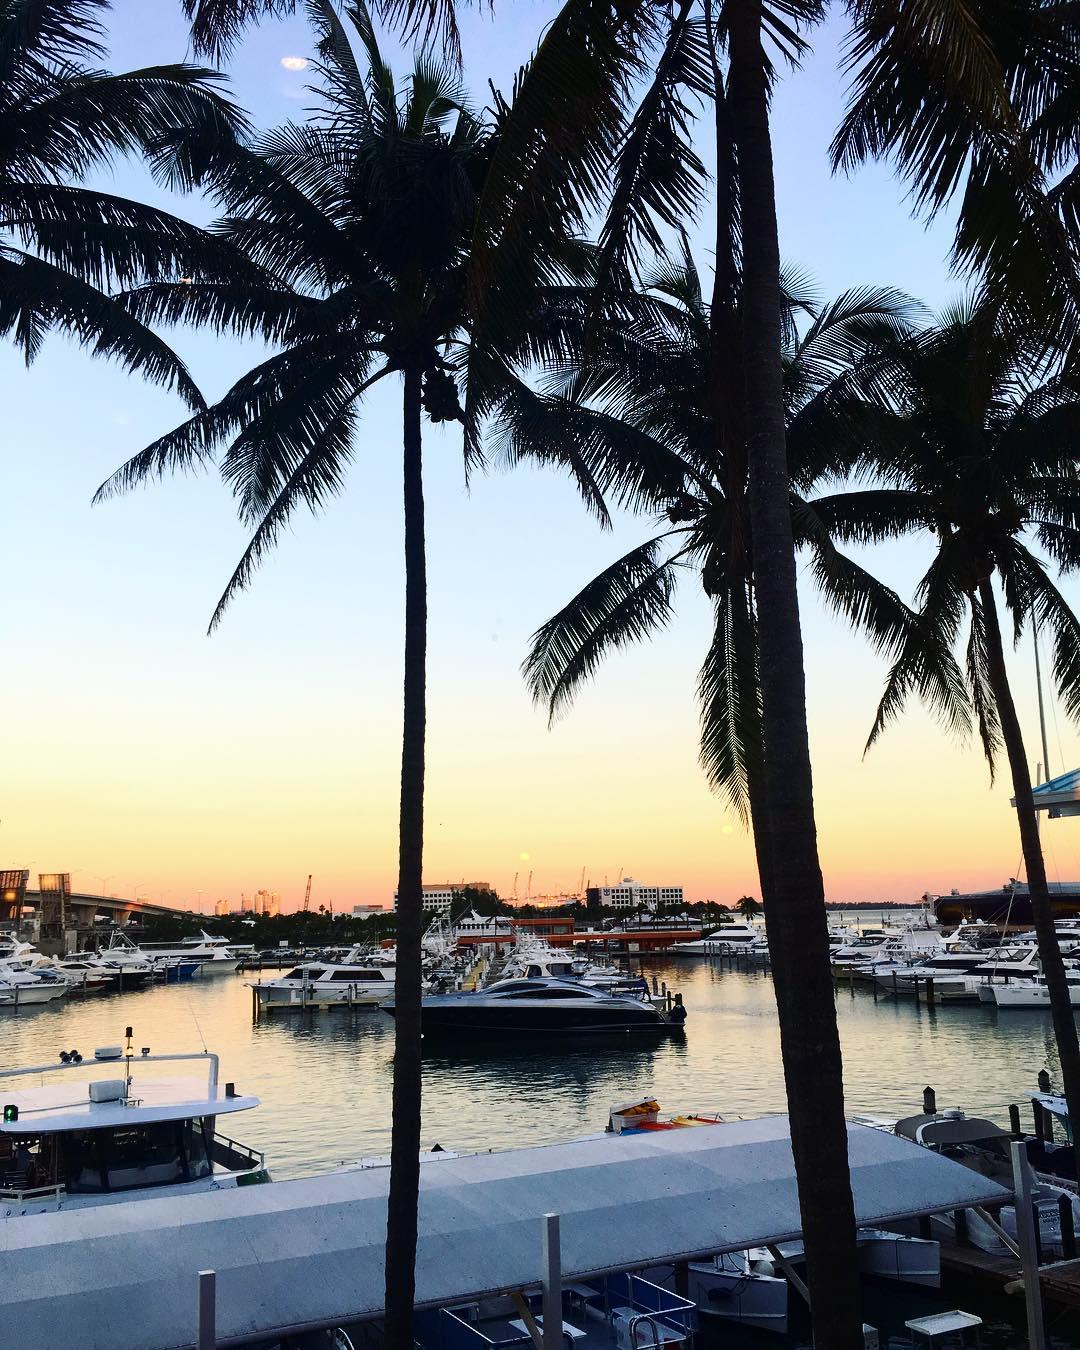 Blogissa nyt 7 x Miamin parhaat palat Unohdin mainita yhdenhellip